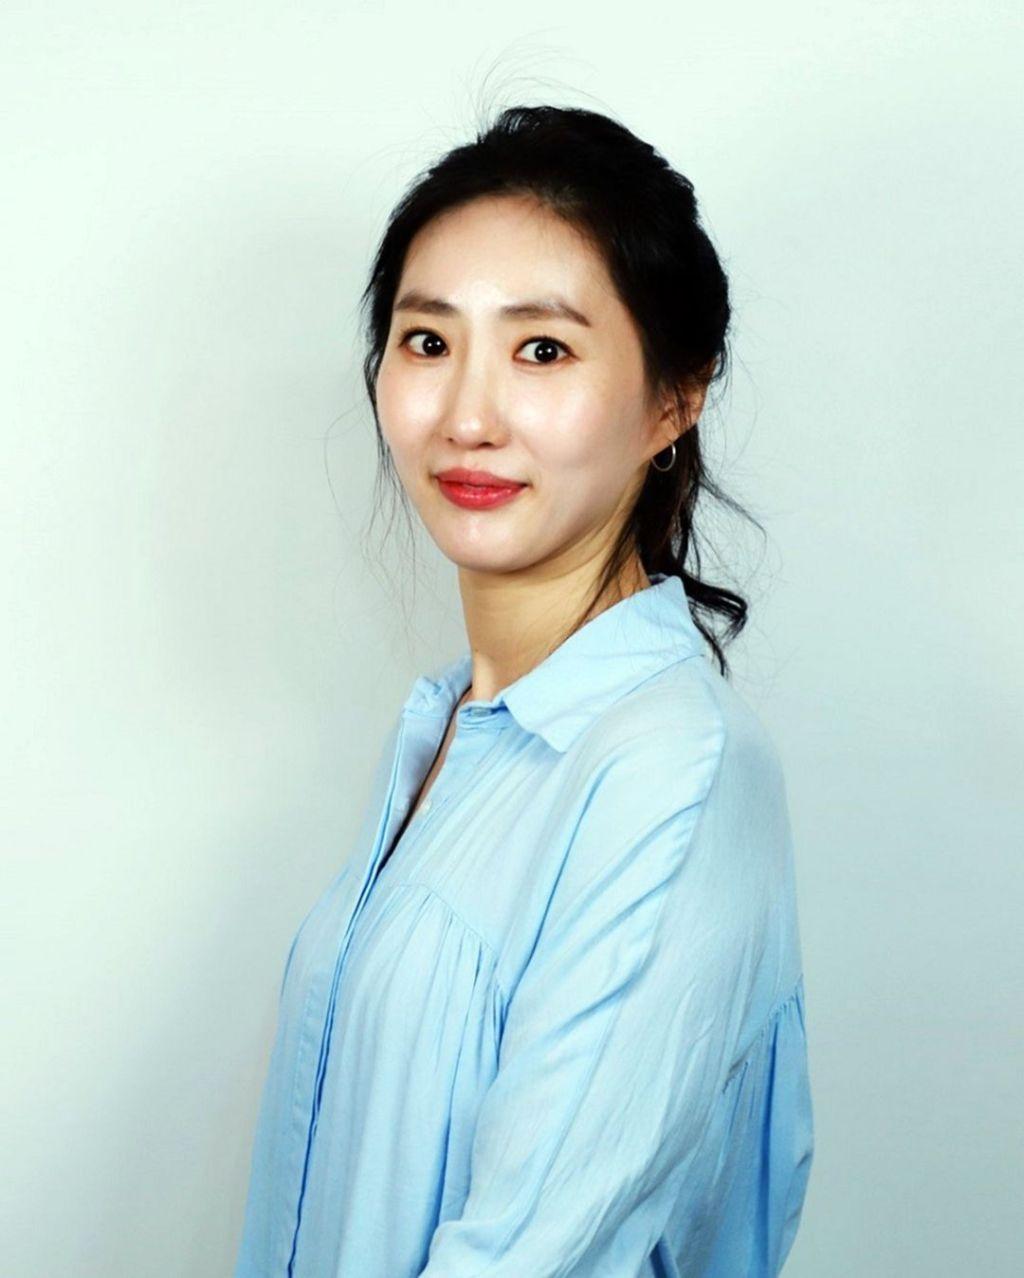 Moon Hyun Jung